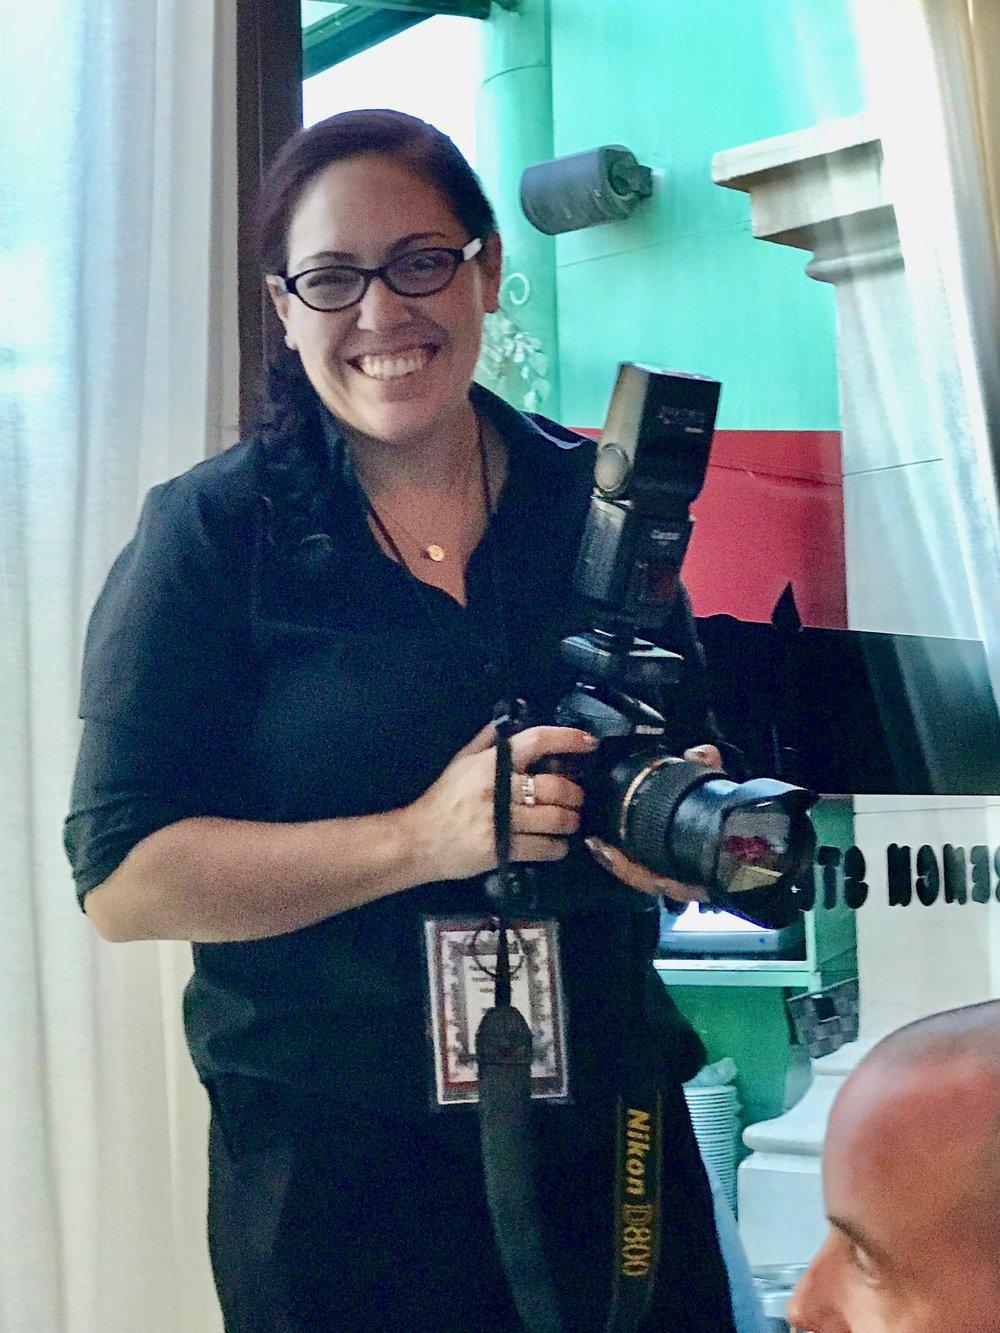 Camera woman.jpg